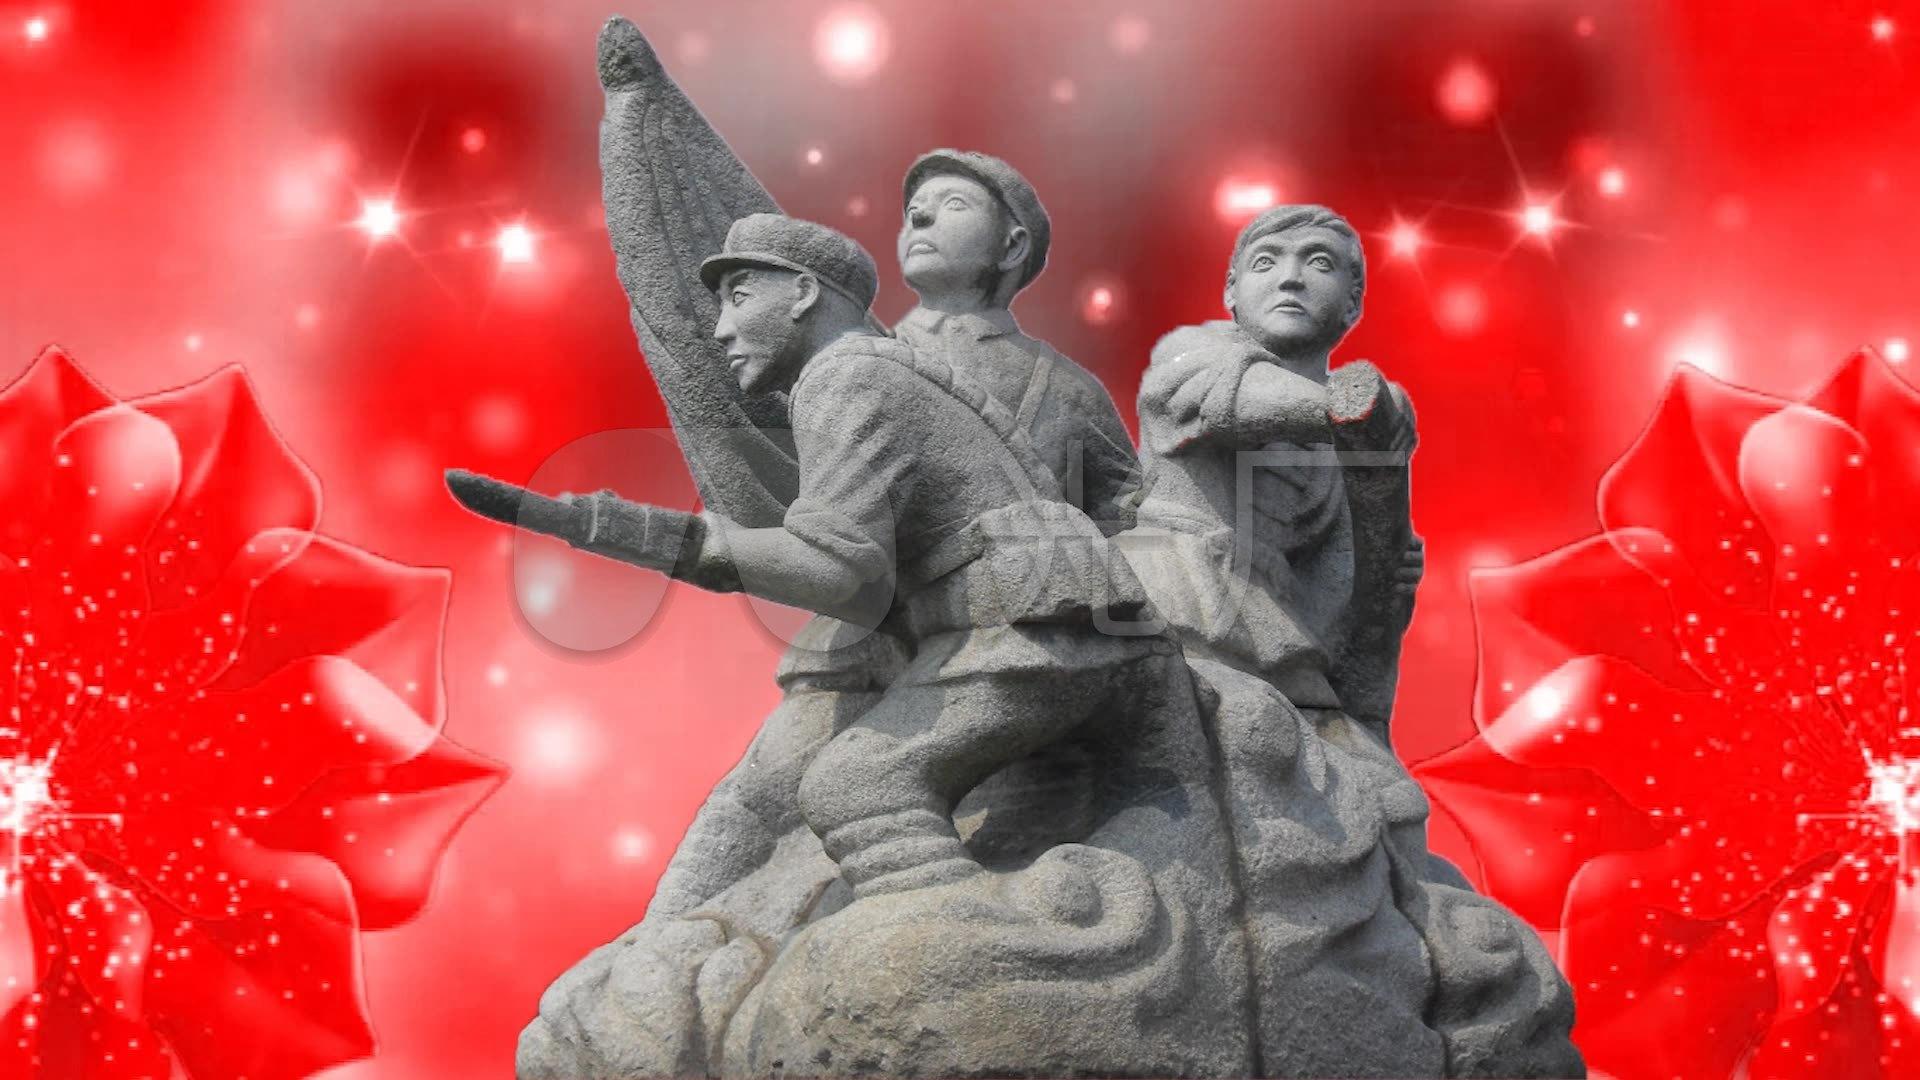 视频《红梅赞》_1920X1080_歌曲素材视频下刘长山高清图片